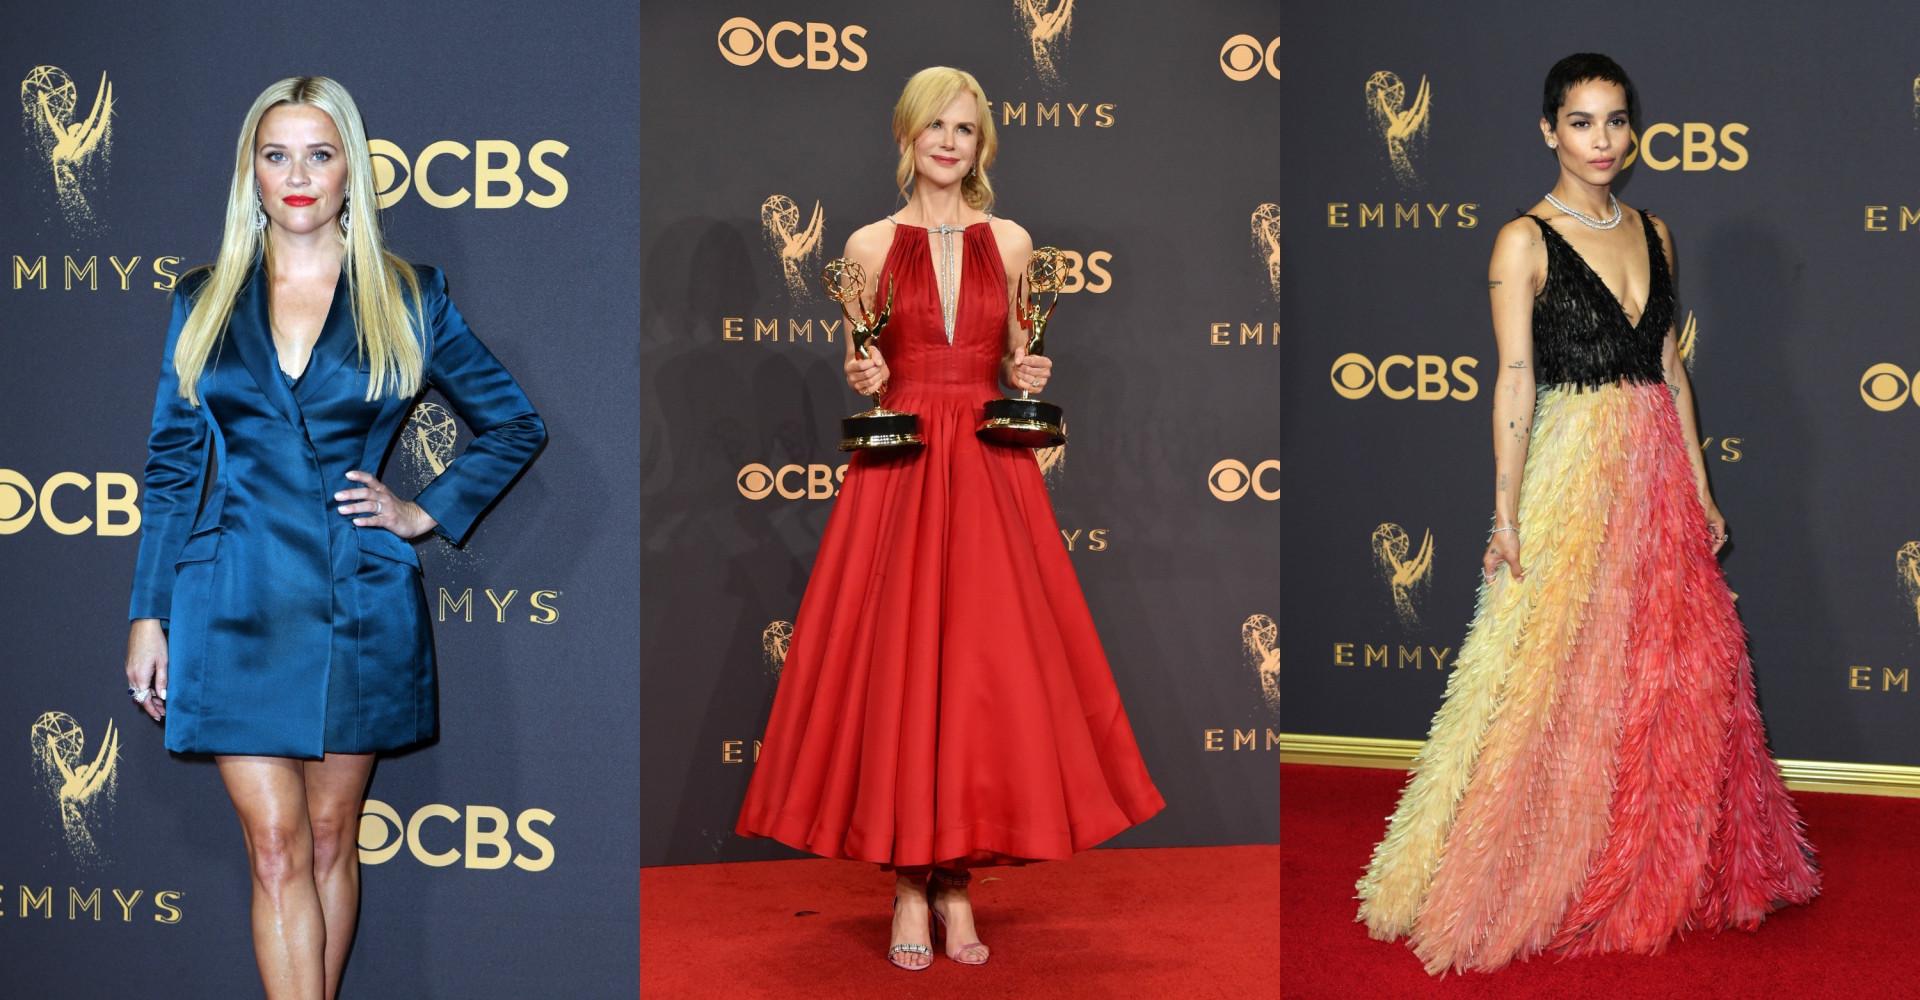 Ce que les stars ont porté aux Emmy Awards 2017